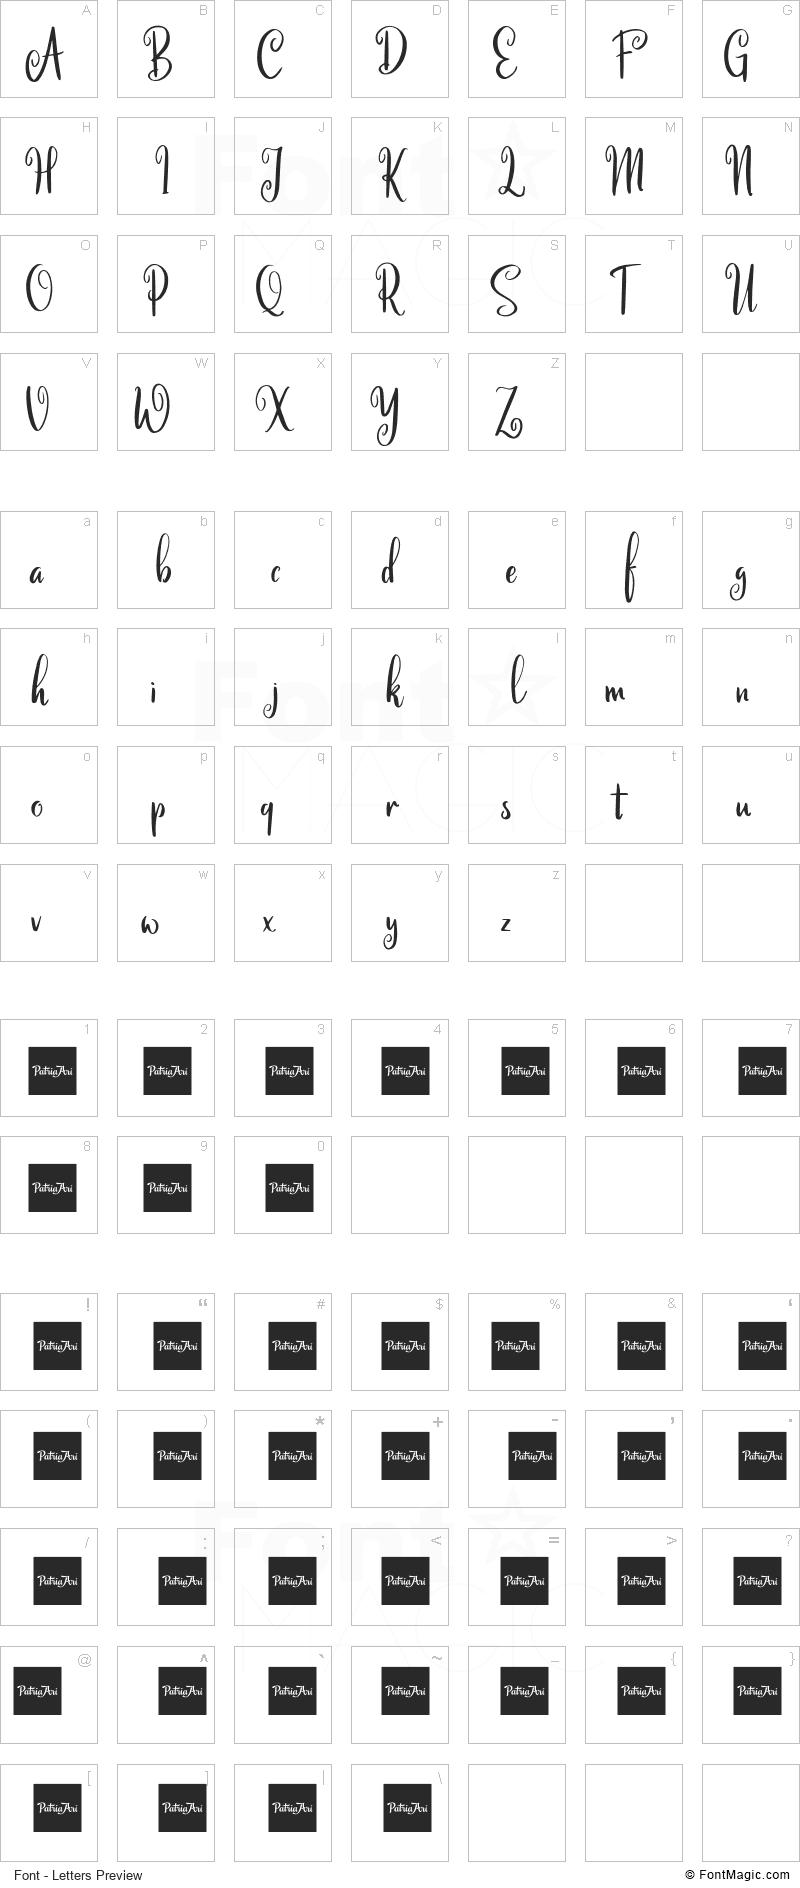 Calinastiya Font - All Latters Preview Chart